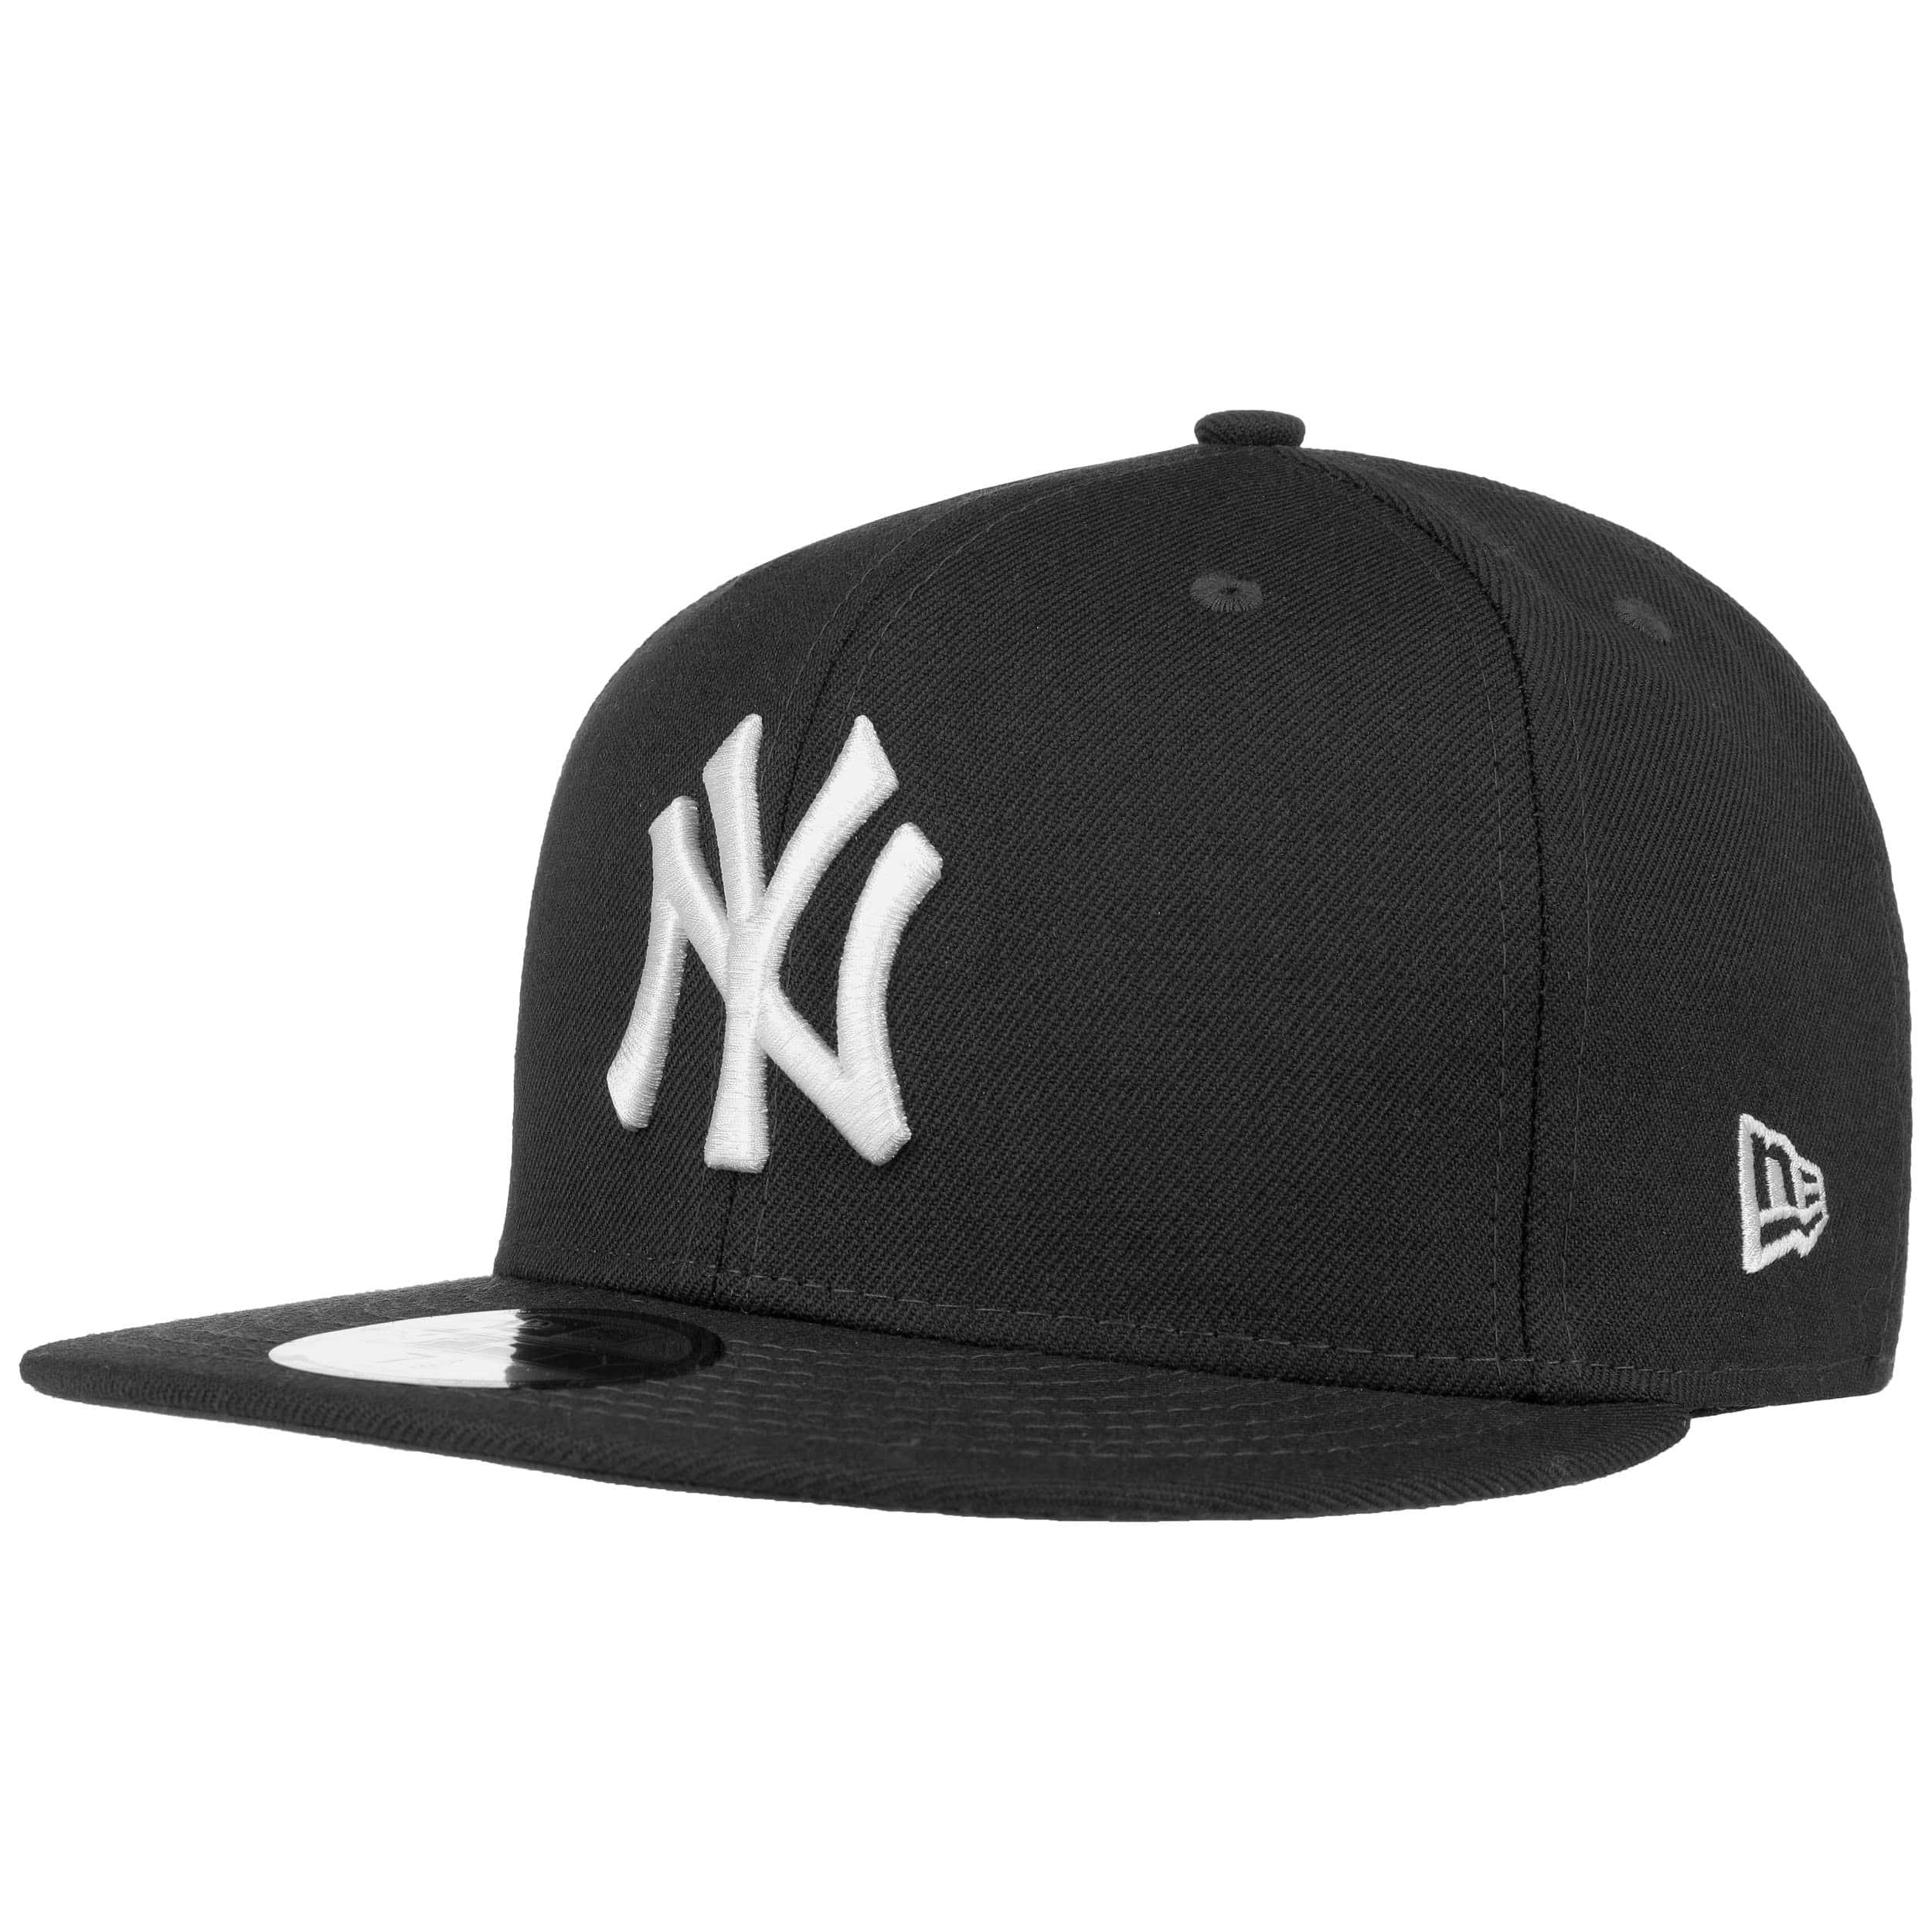 ... 59Fifty MLB Basic NY Cap by New Era - giallo 7 ... 6a8565c8b48c